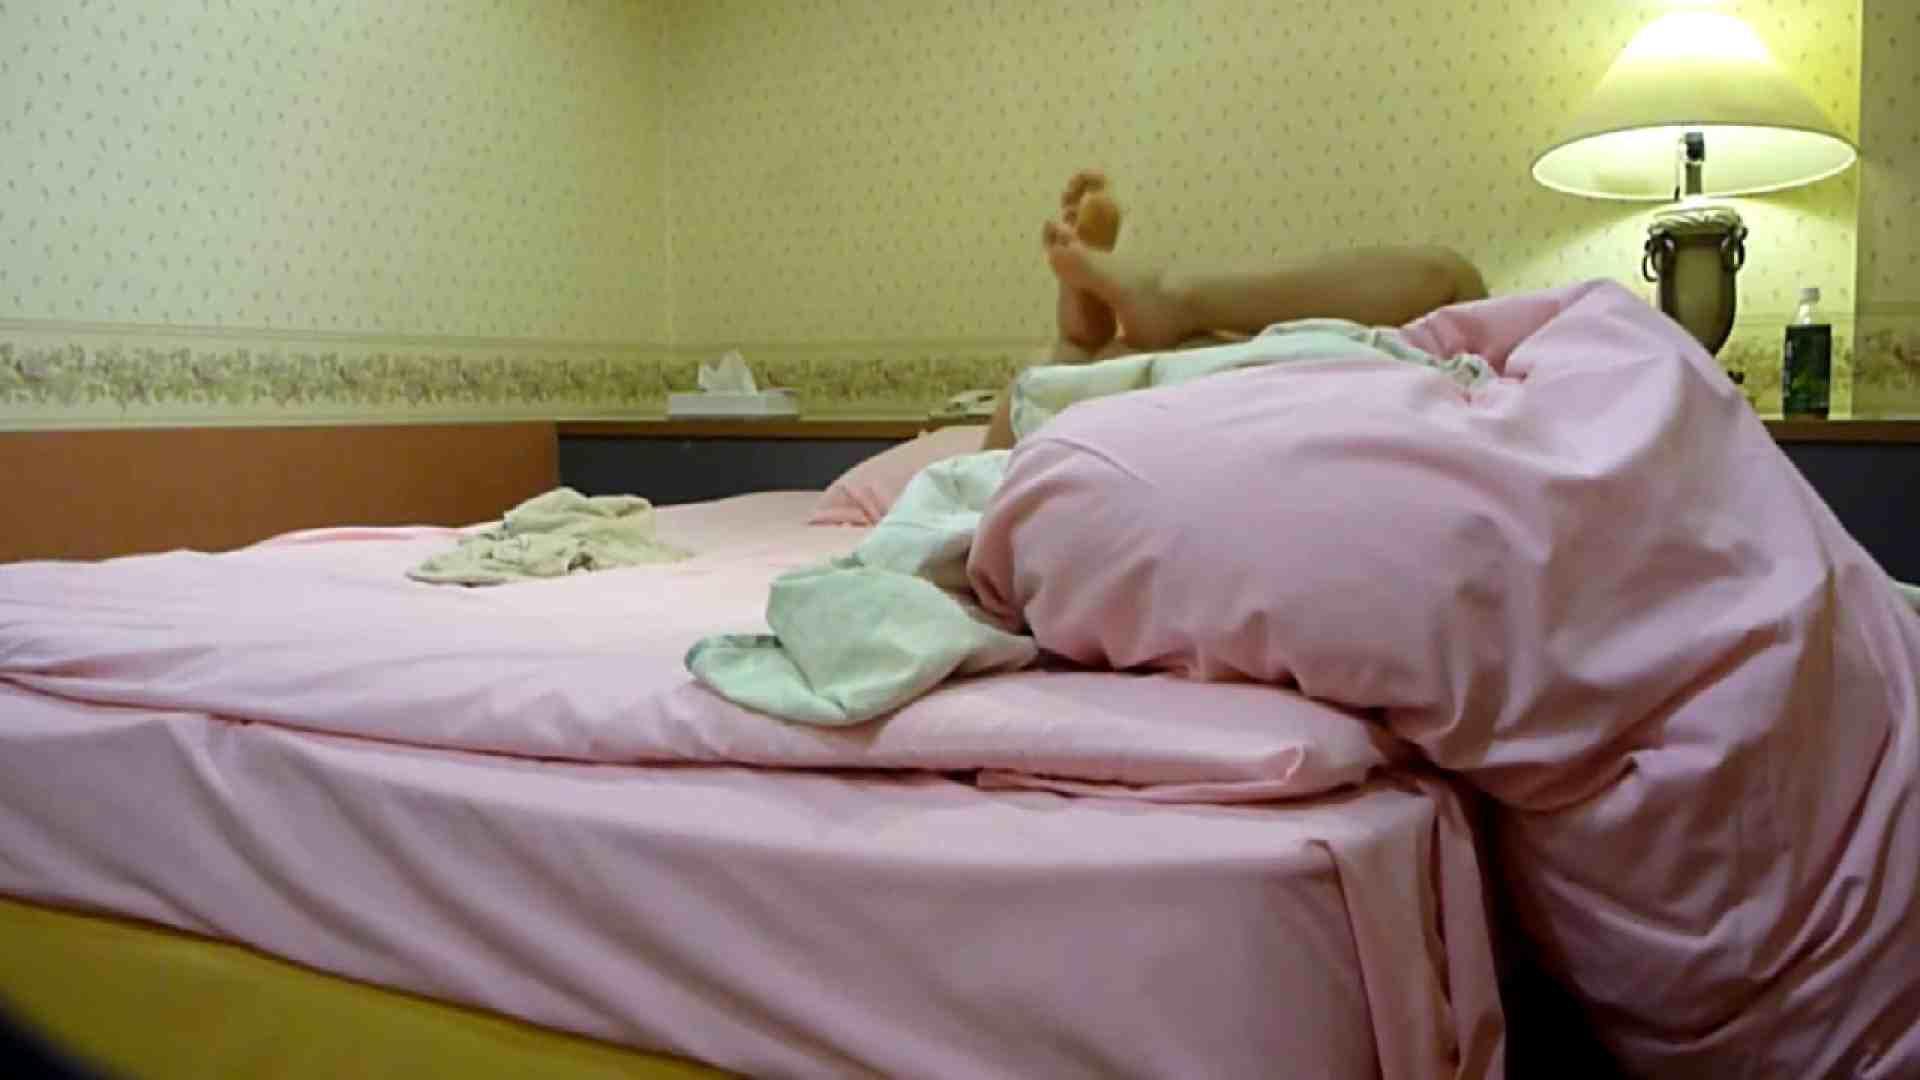 【完全素人投稿】誰にしようか!?やりチン健太の本日もデリ嬢いただきま~す!!05 投稿 | 素人丸裸  95pic 11